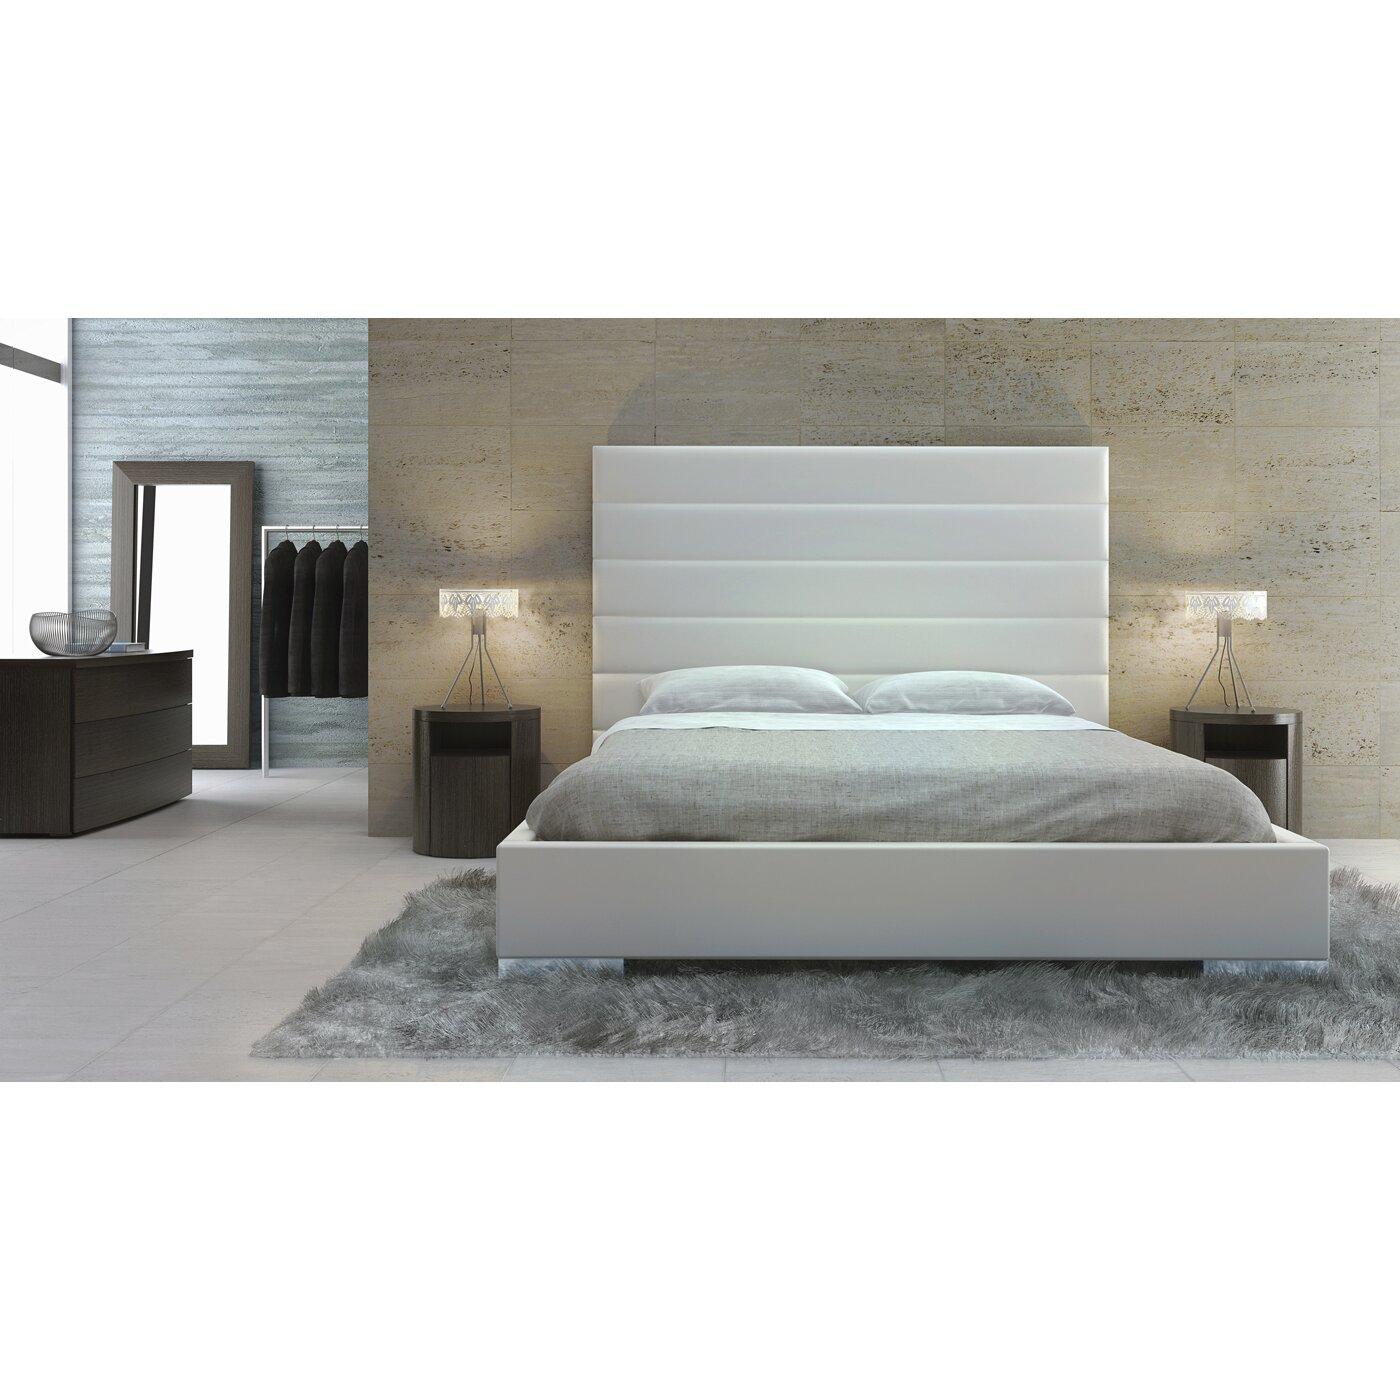 Prince upholstered platform bed reviews allmodern - Seagrass platform bed ...